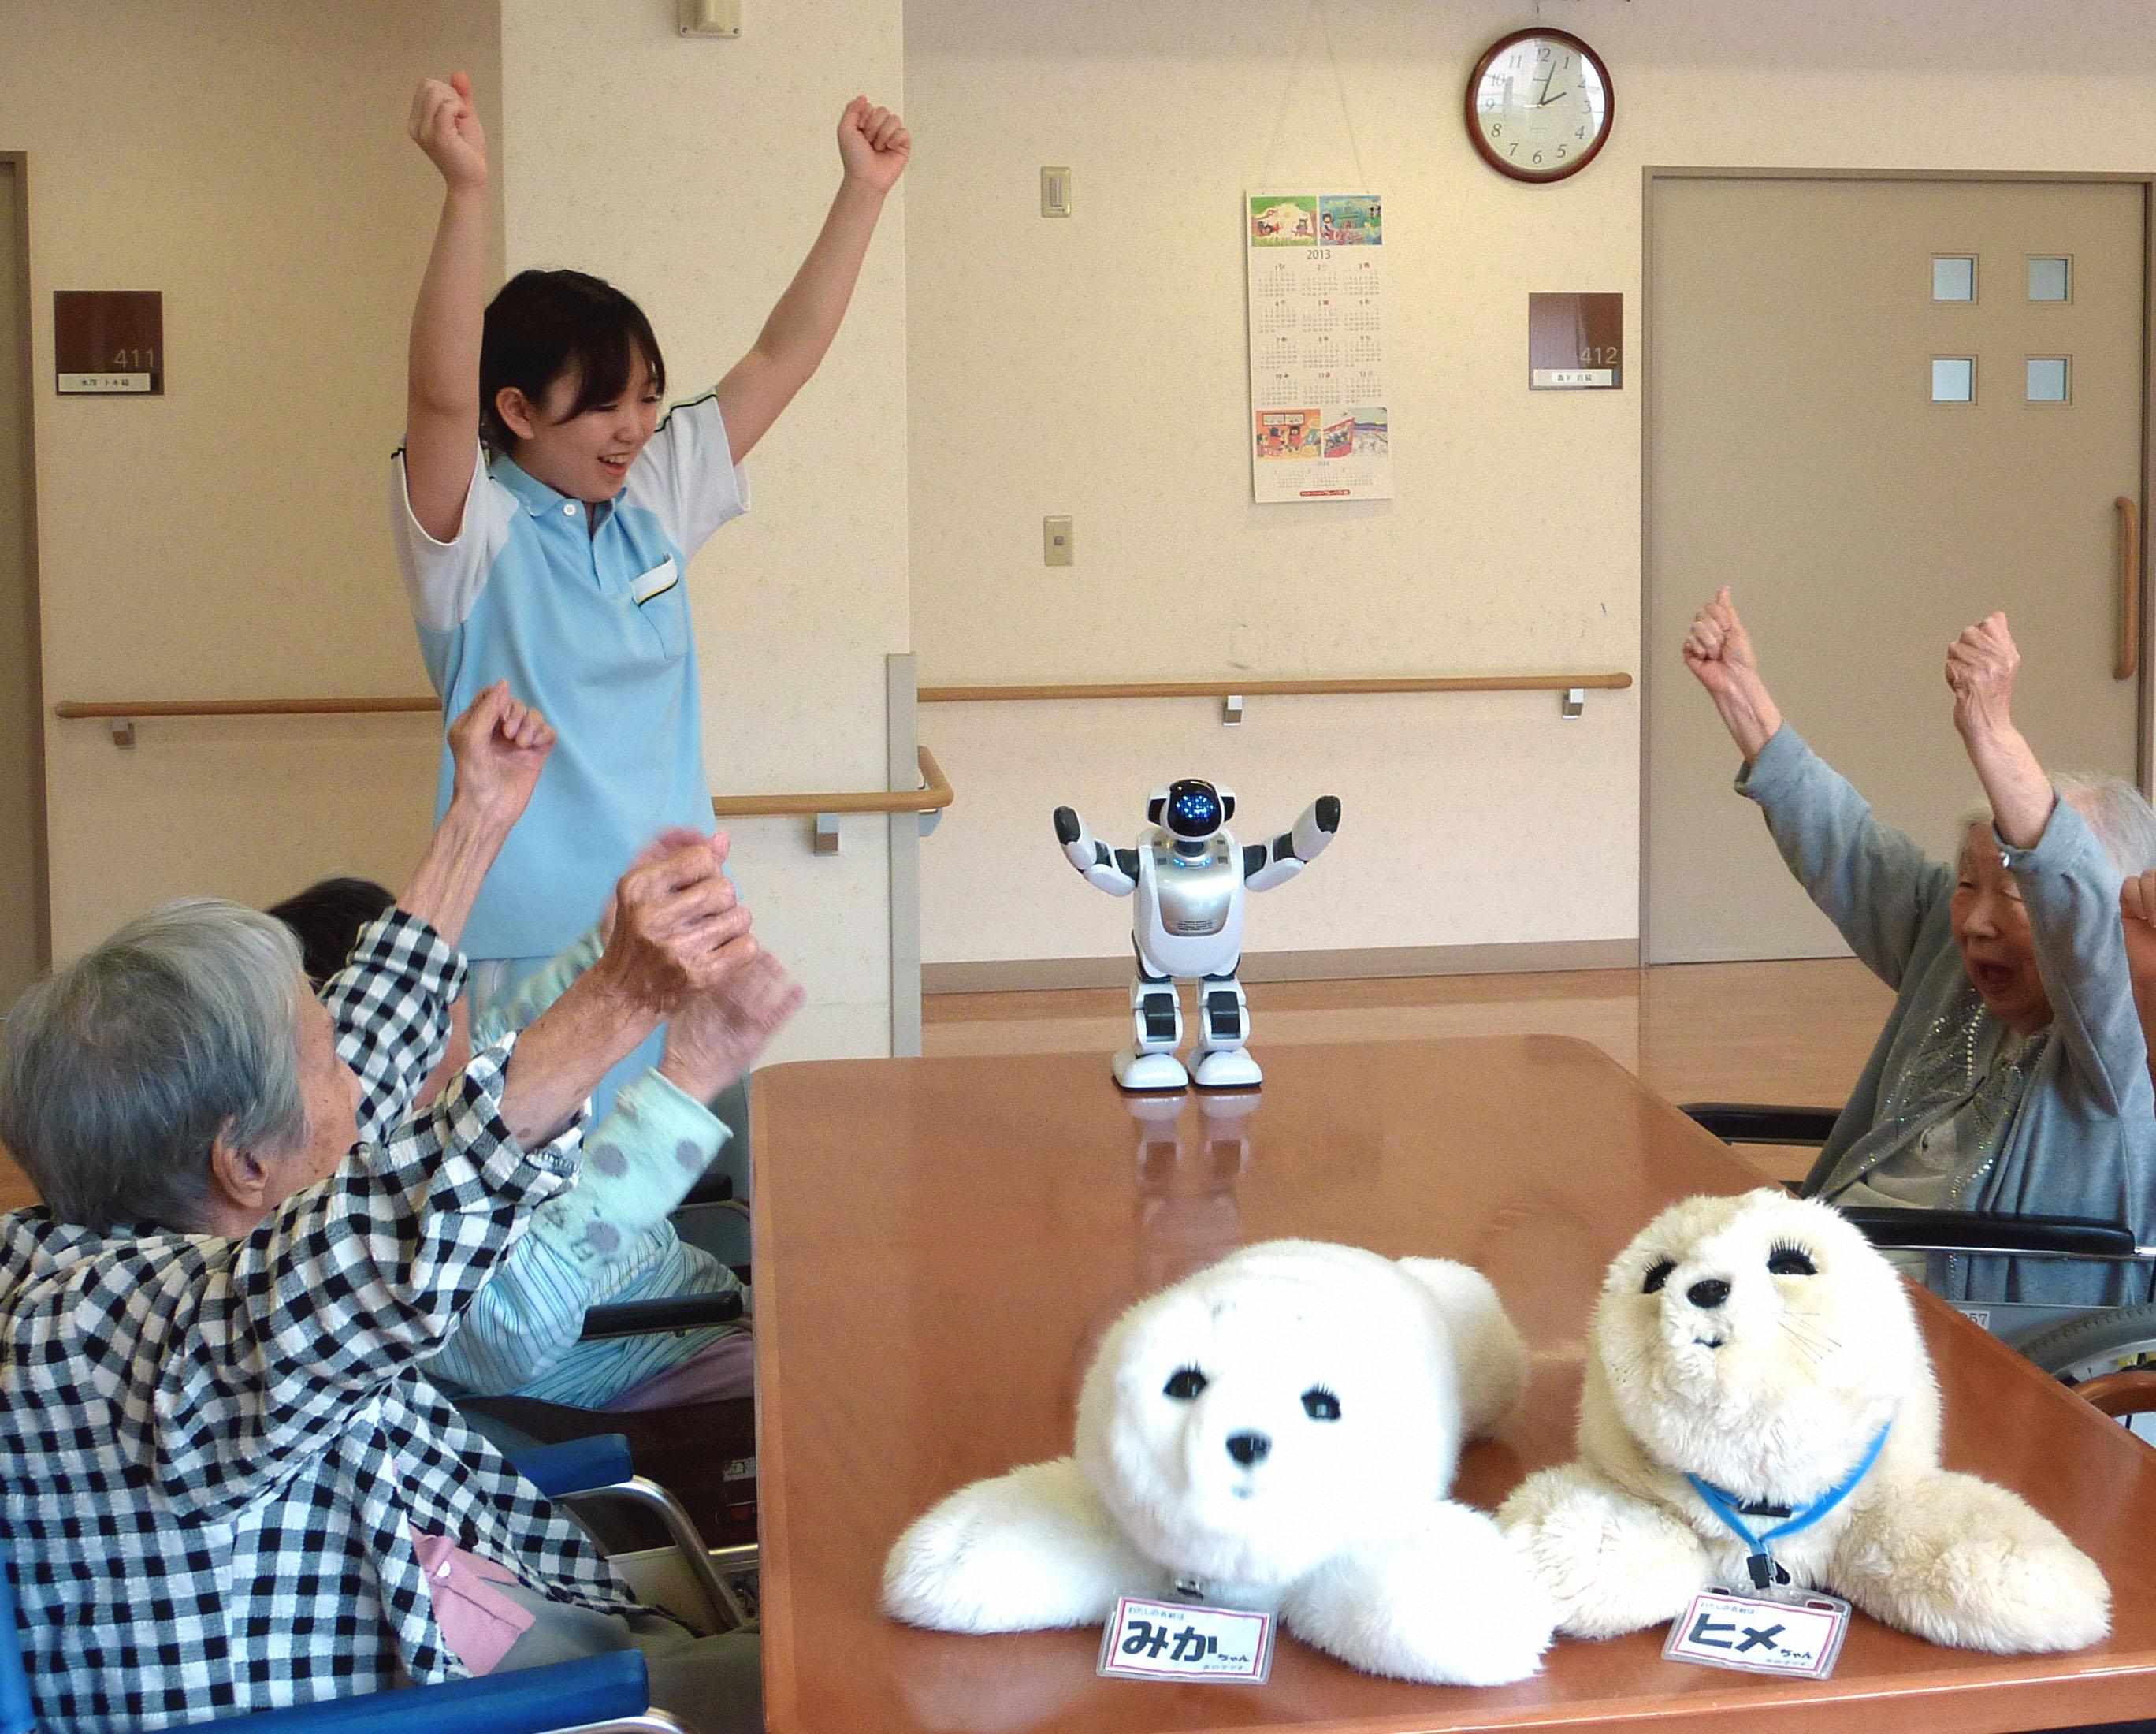 जापानमा केयर गिभरलाई हातमुख जोर्न र उच्च शिक्षा हासिल गर्नै सकस